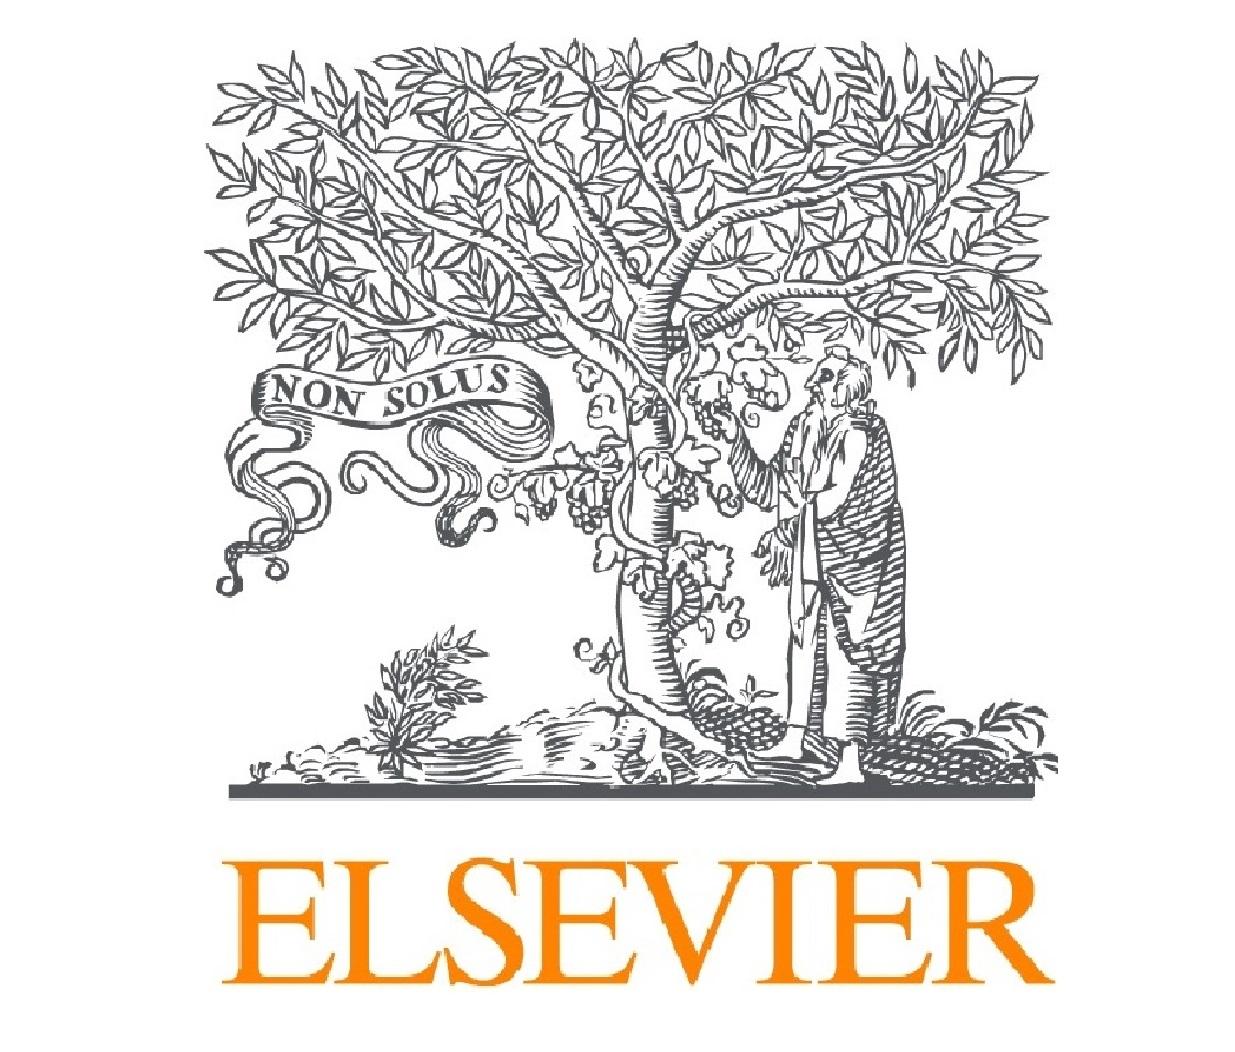 LOGO-Elsevier-3.jpg